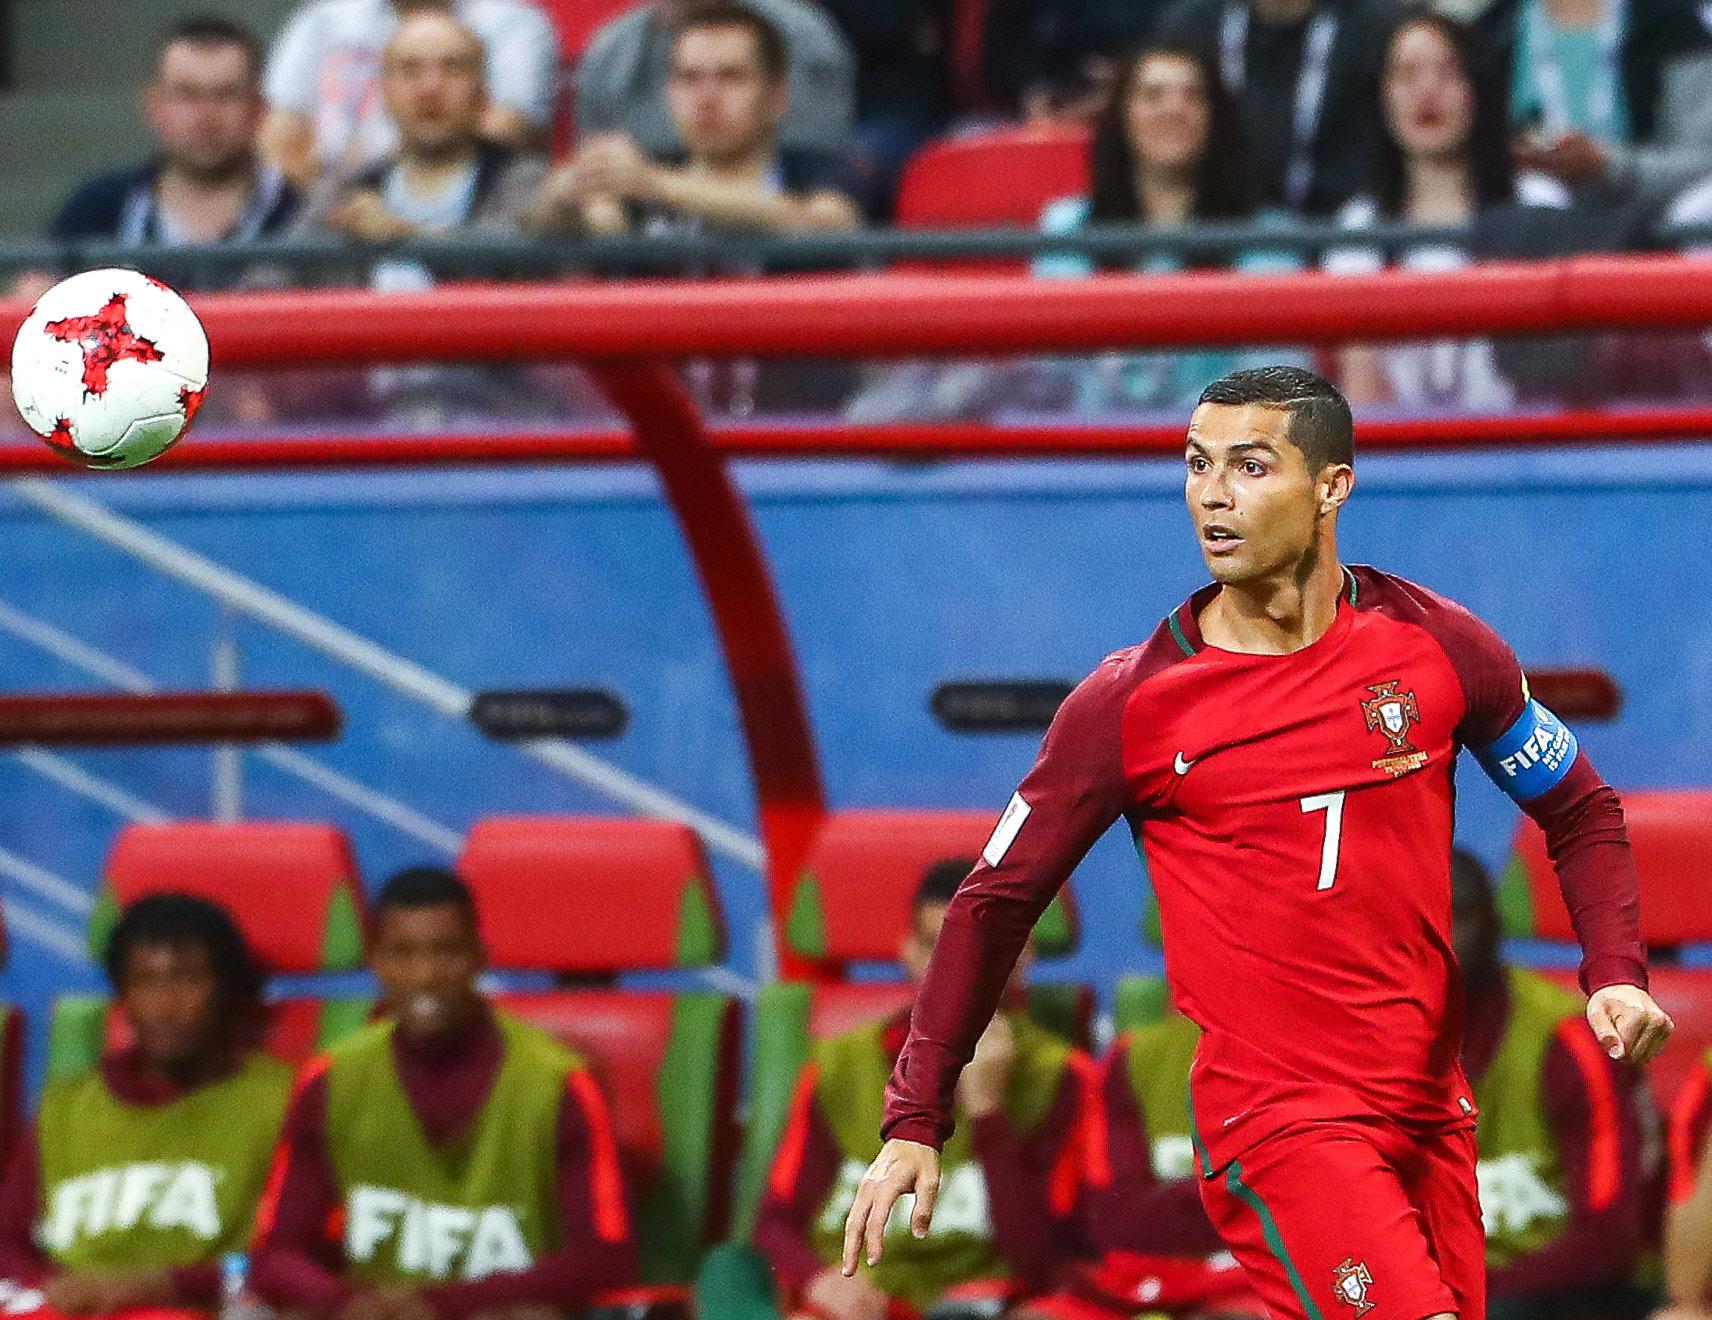 Как хирурги смотрели матч Португалия— Чили вовремя операции